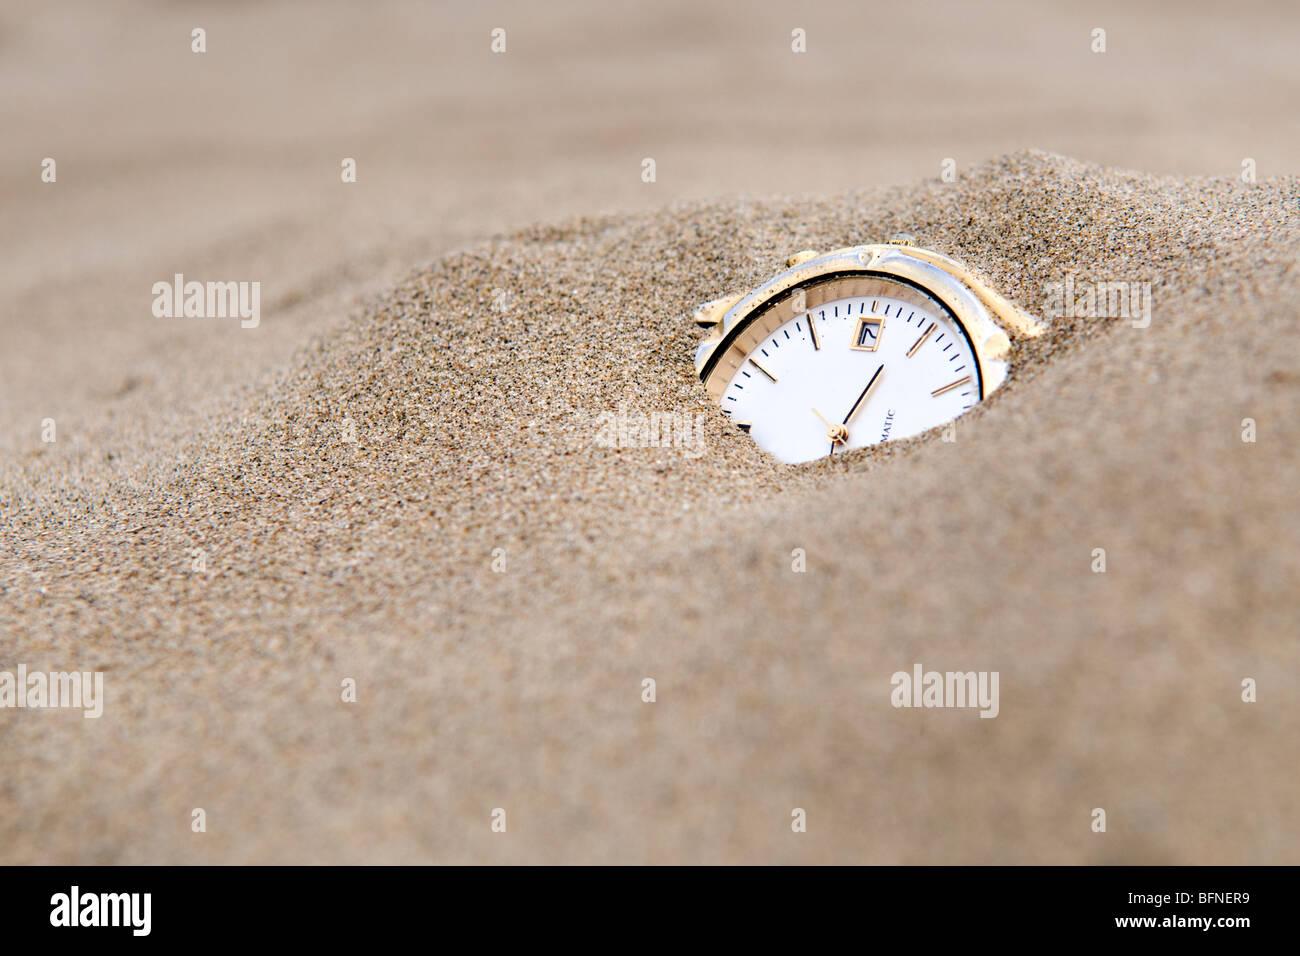 Orologio sepolto in sabbia presi per raffigurare le sabbie del concetto di tempo Immagini Stock